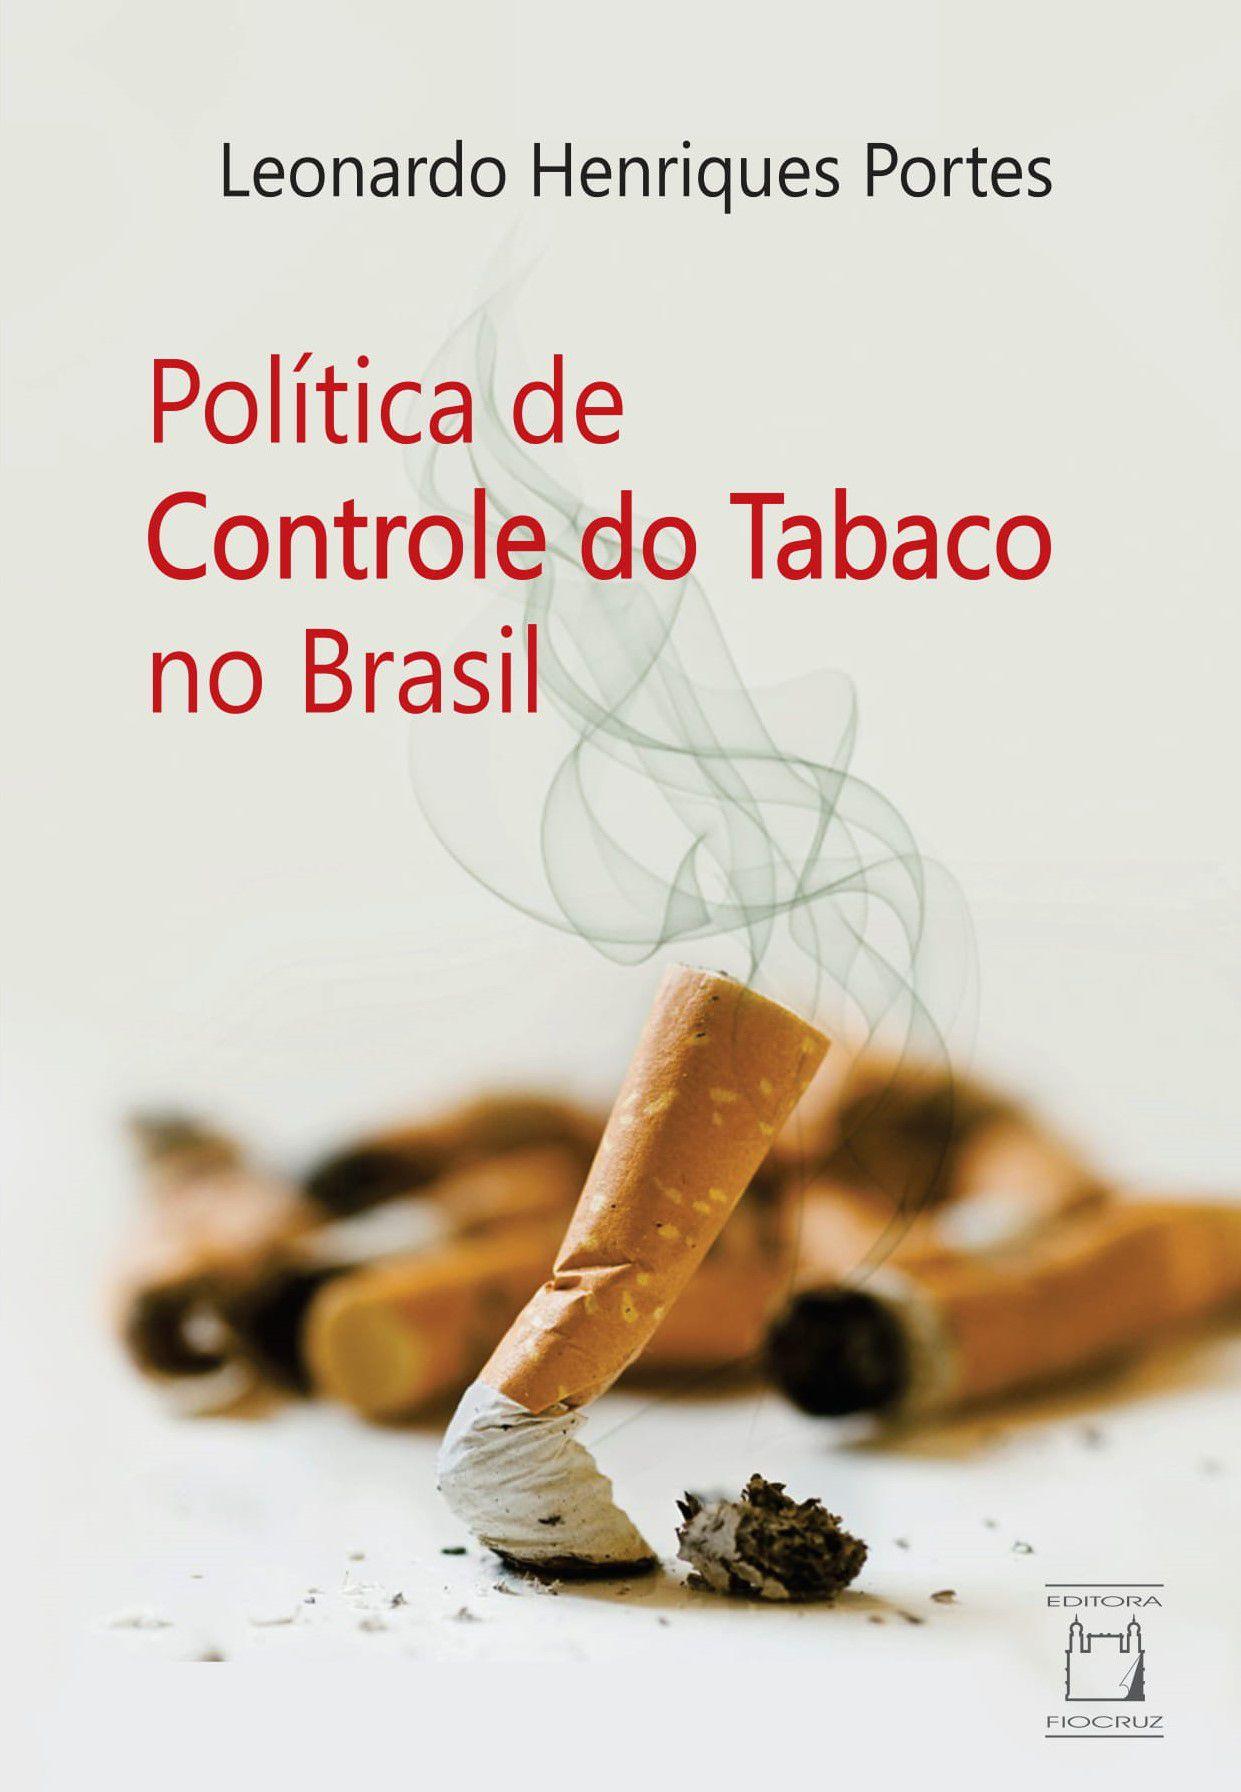 Política de Controle do Tabaco no Brasil  - Livraria Virtual da Editora Fiocruz